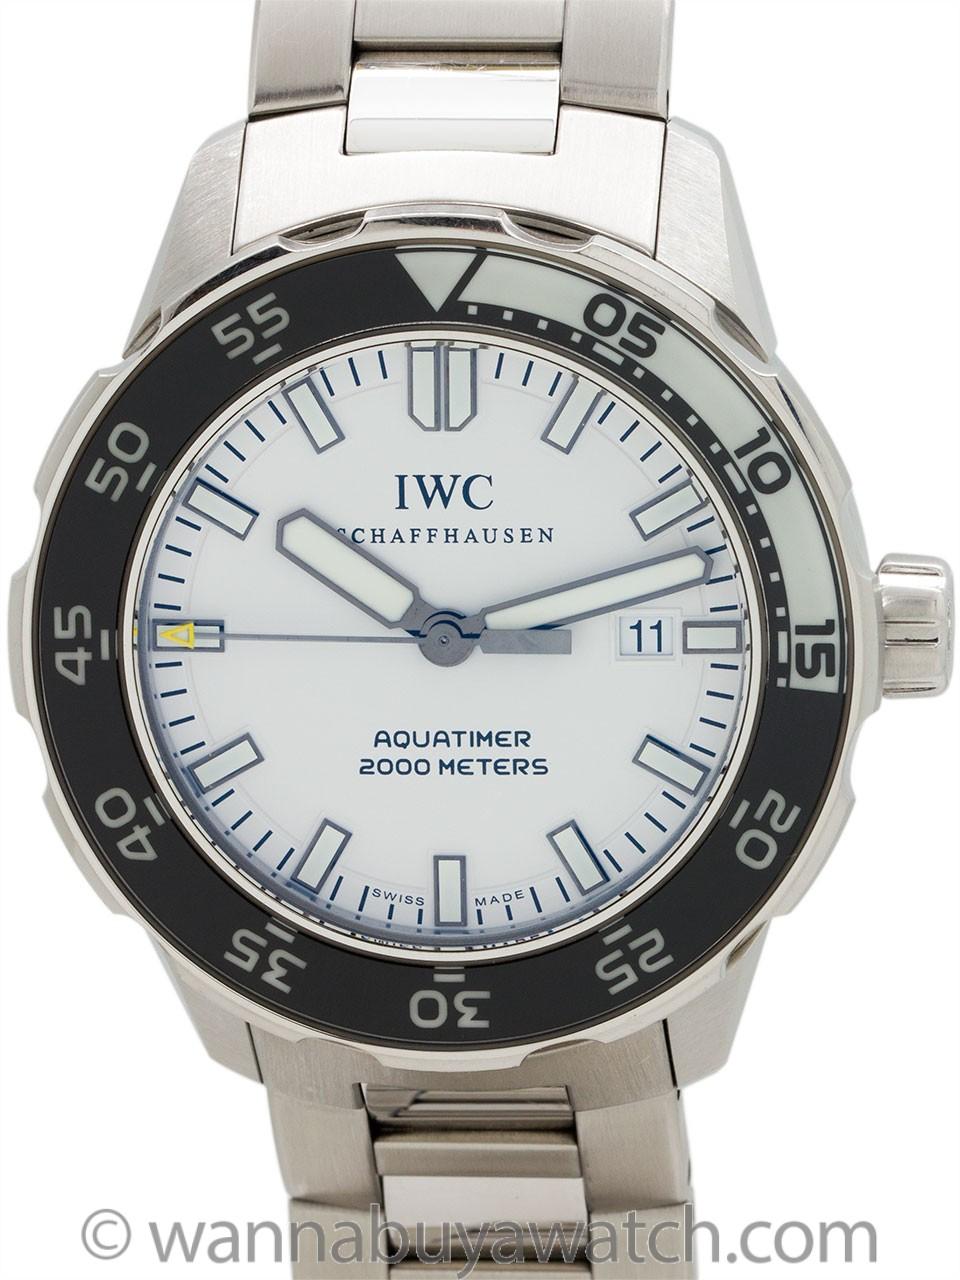 IWC Aquatimer 2000 Meters ref 356805 circa 2010s